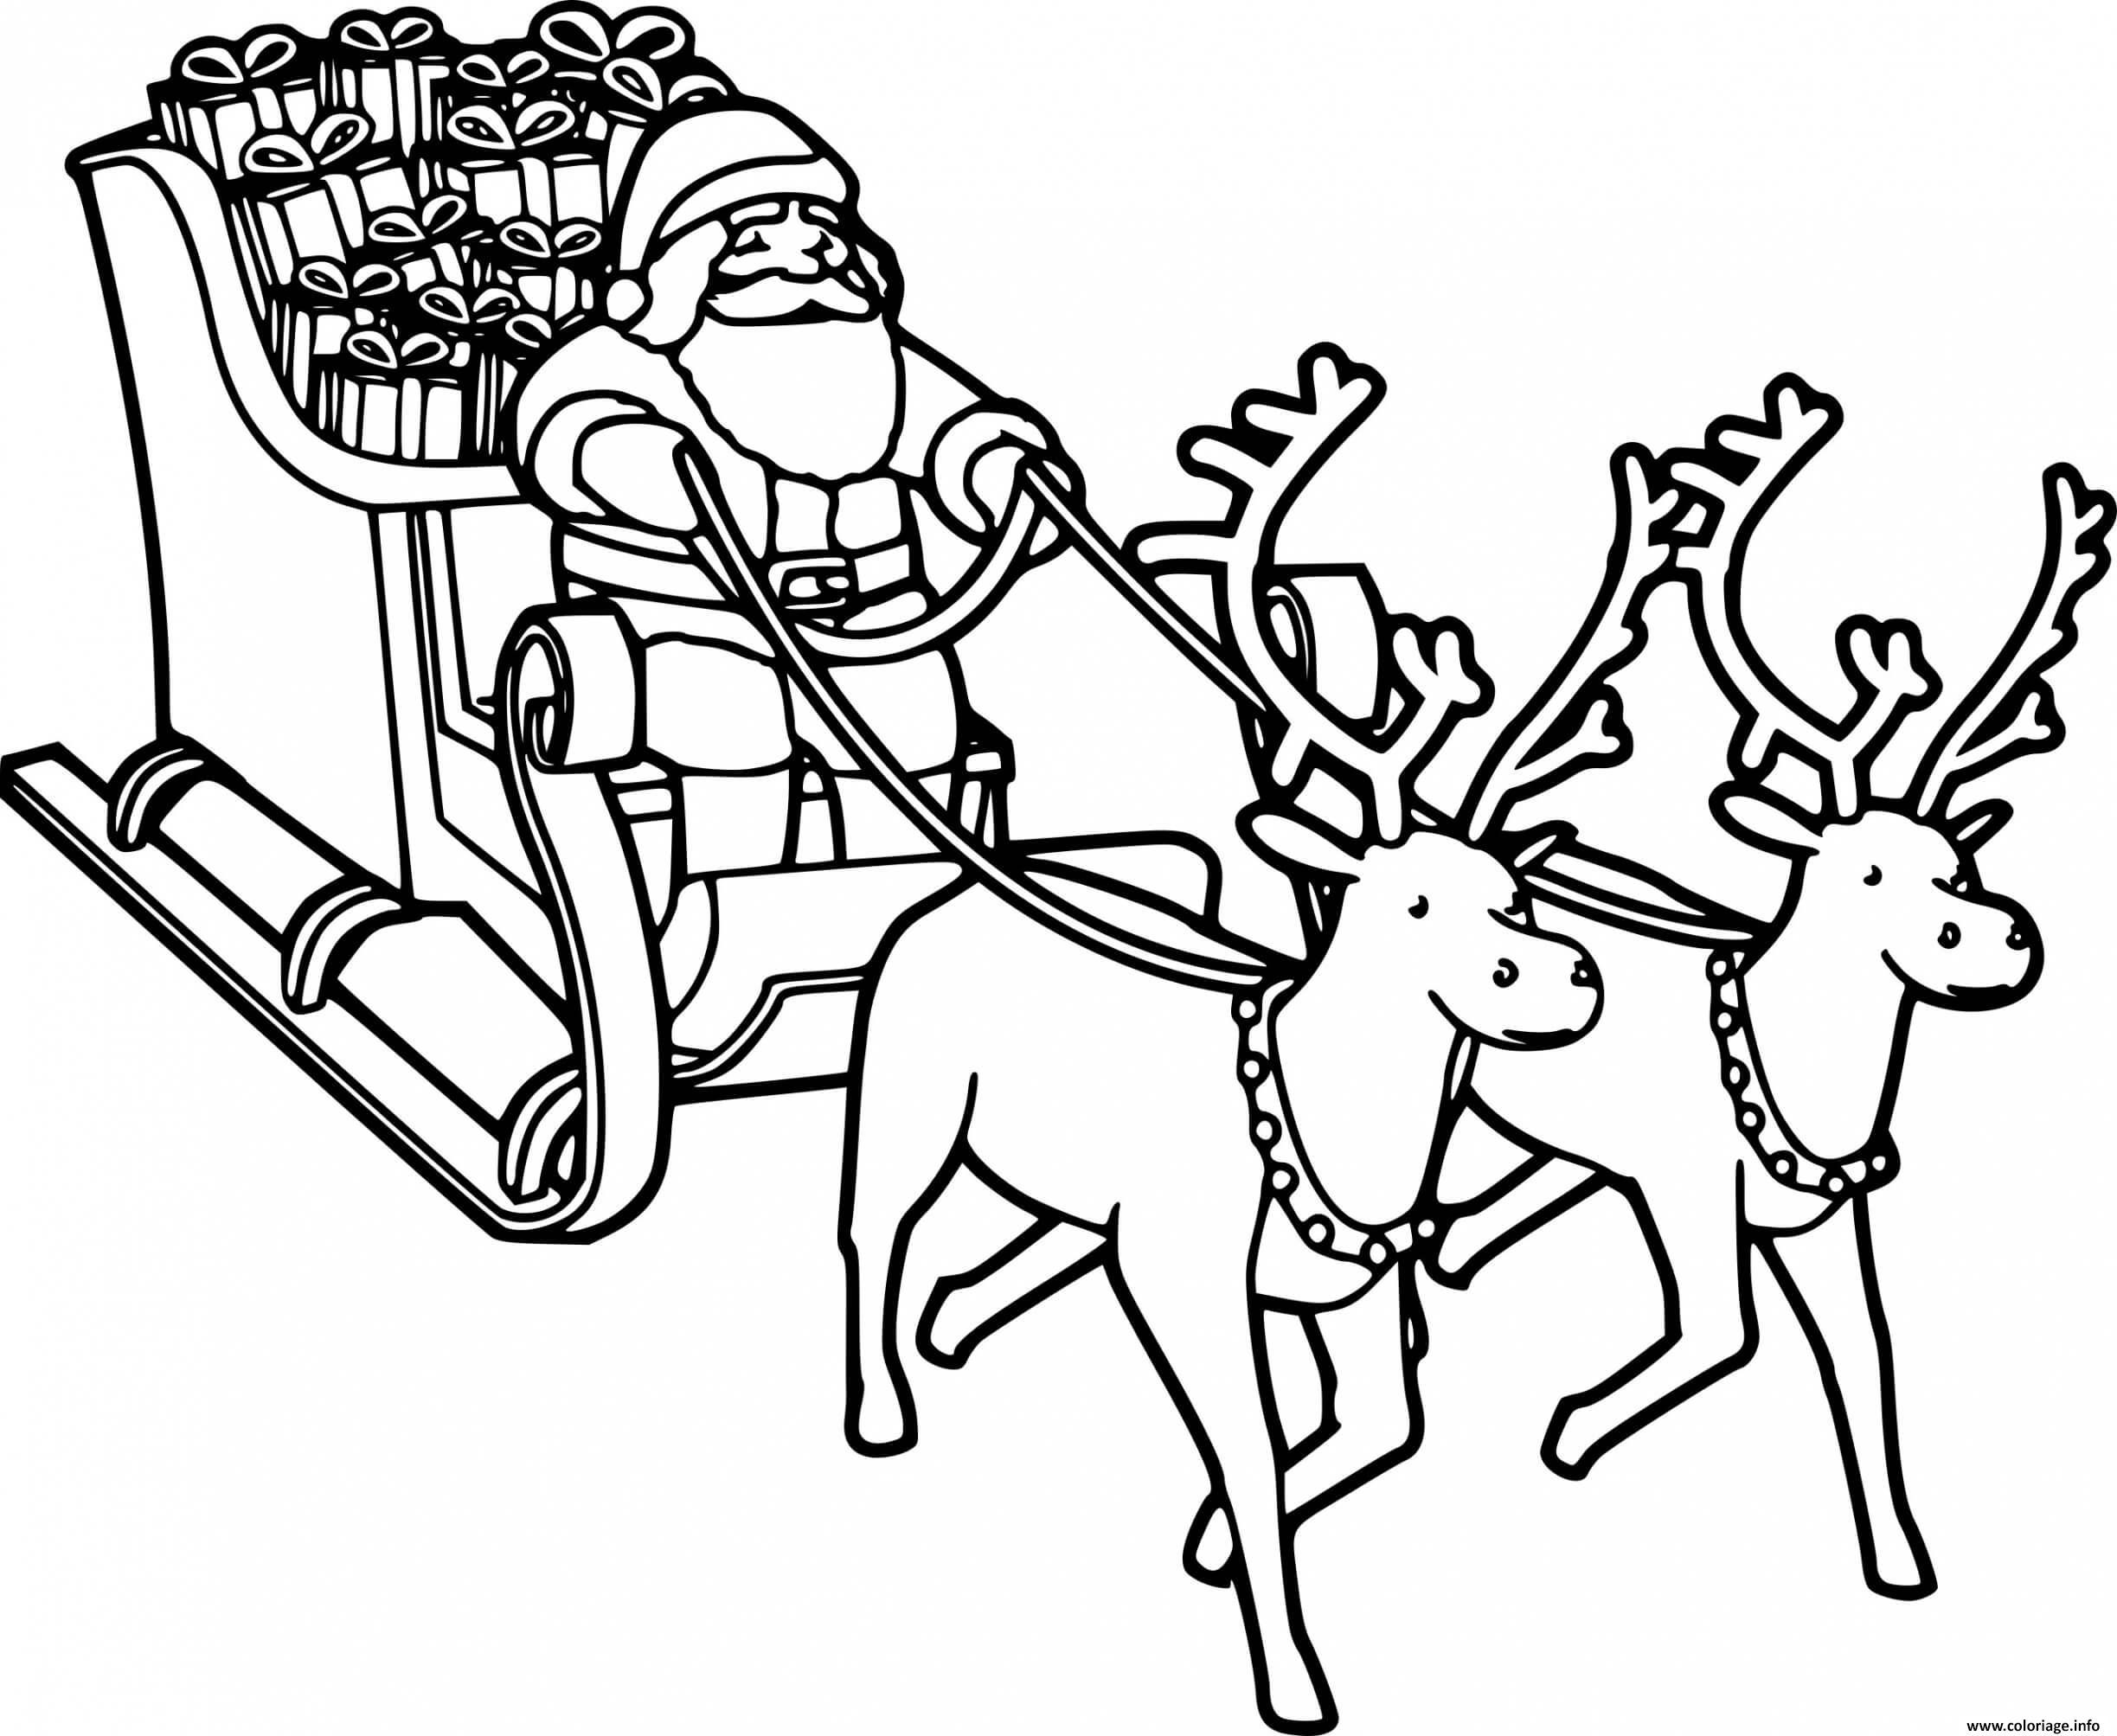 Coloriage pere noel avec traineau et ses rennes au nez rouge